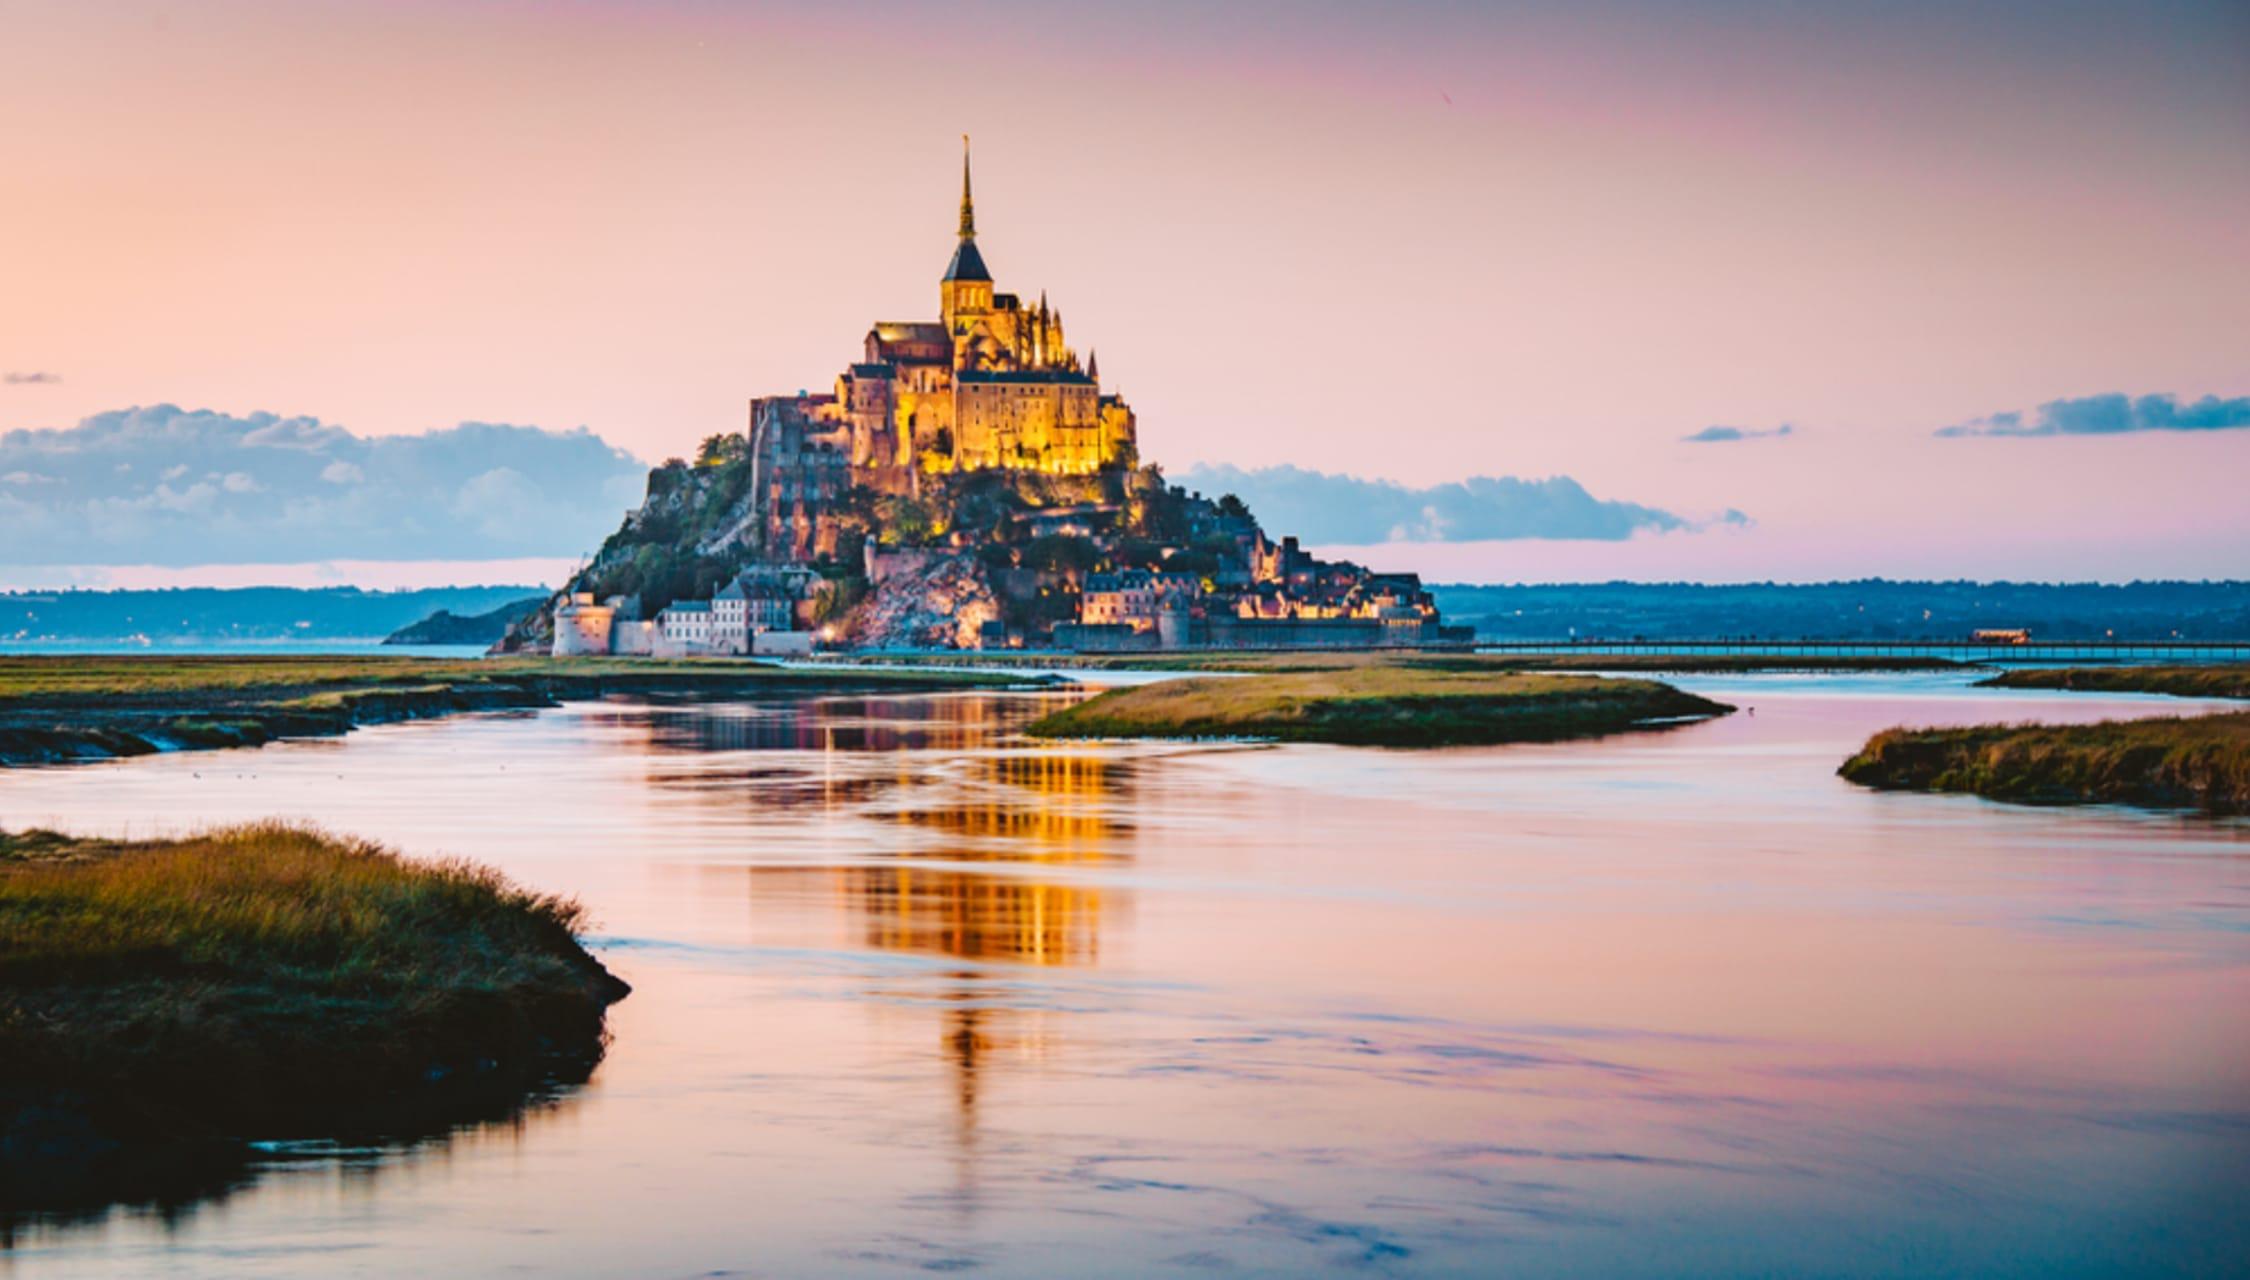 Normandy - Le Mont-Saint-Michel